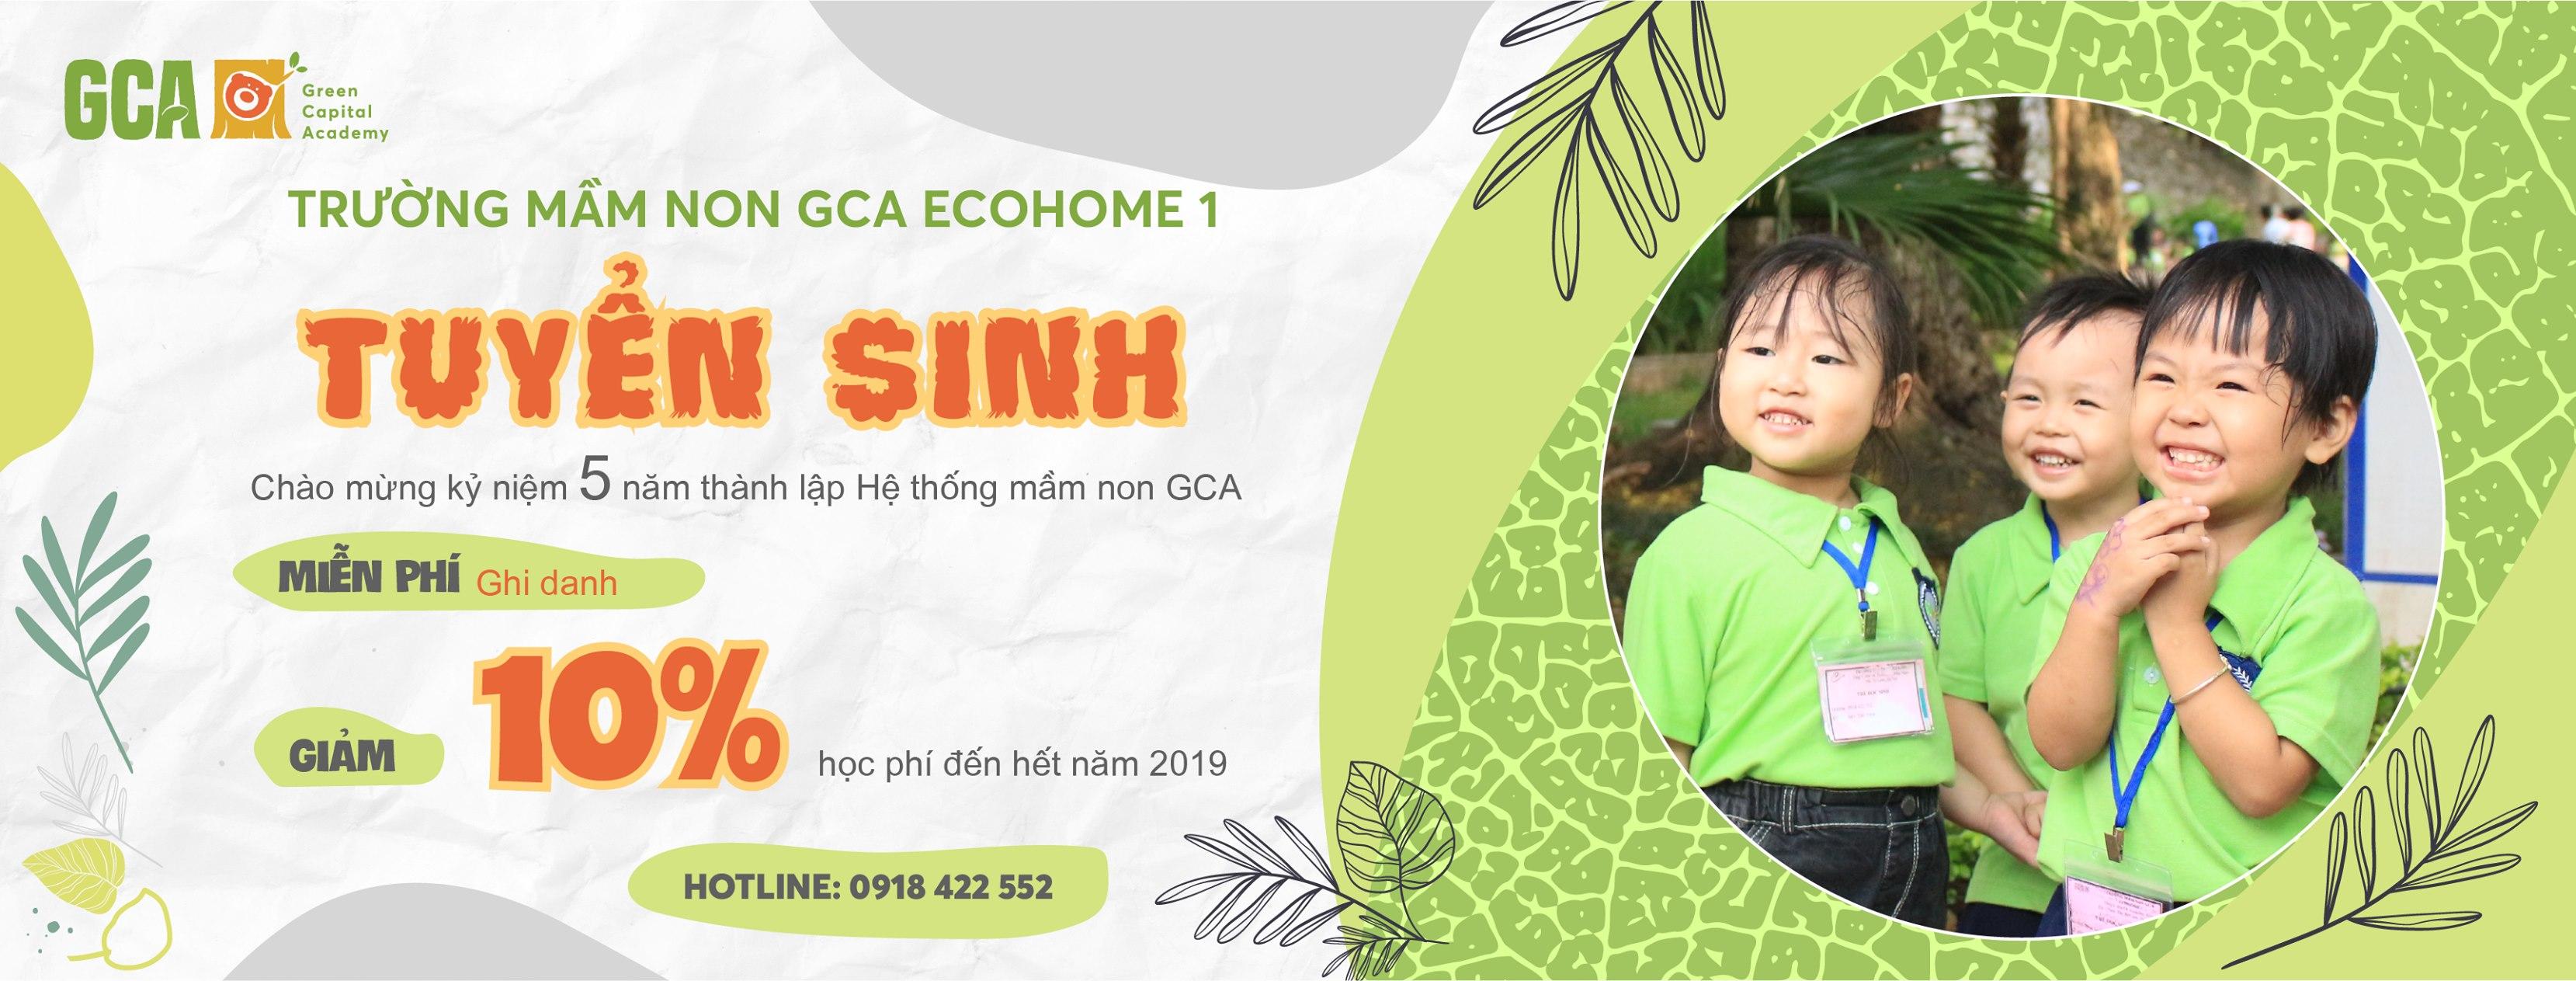 ưu đãi tuyển sinh của Trường mầm non GCA Ecohome 2  (Green Capital Academy - Học viện Thủ đô xanh) - đường Tân Xuân